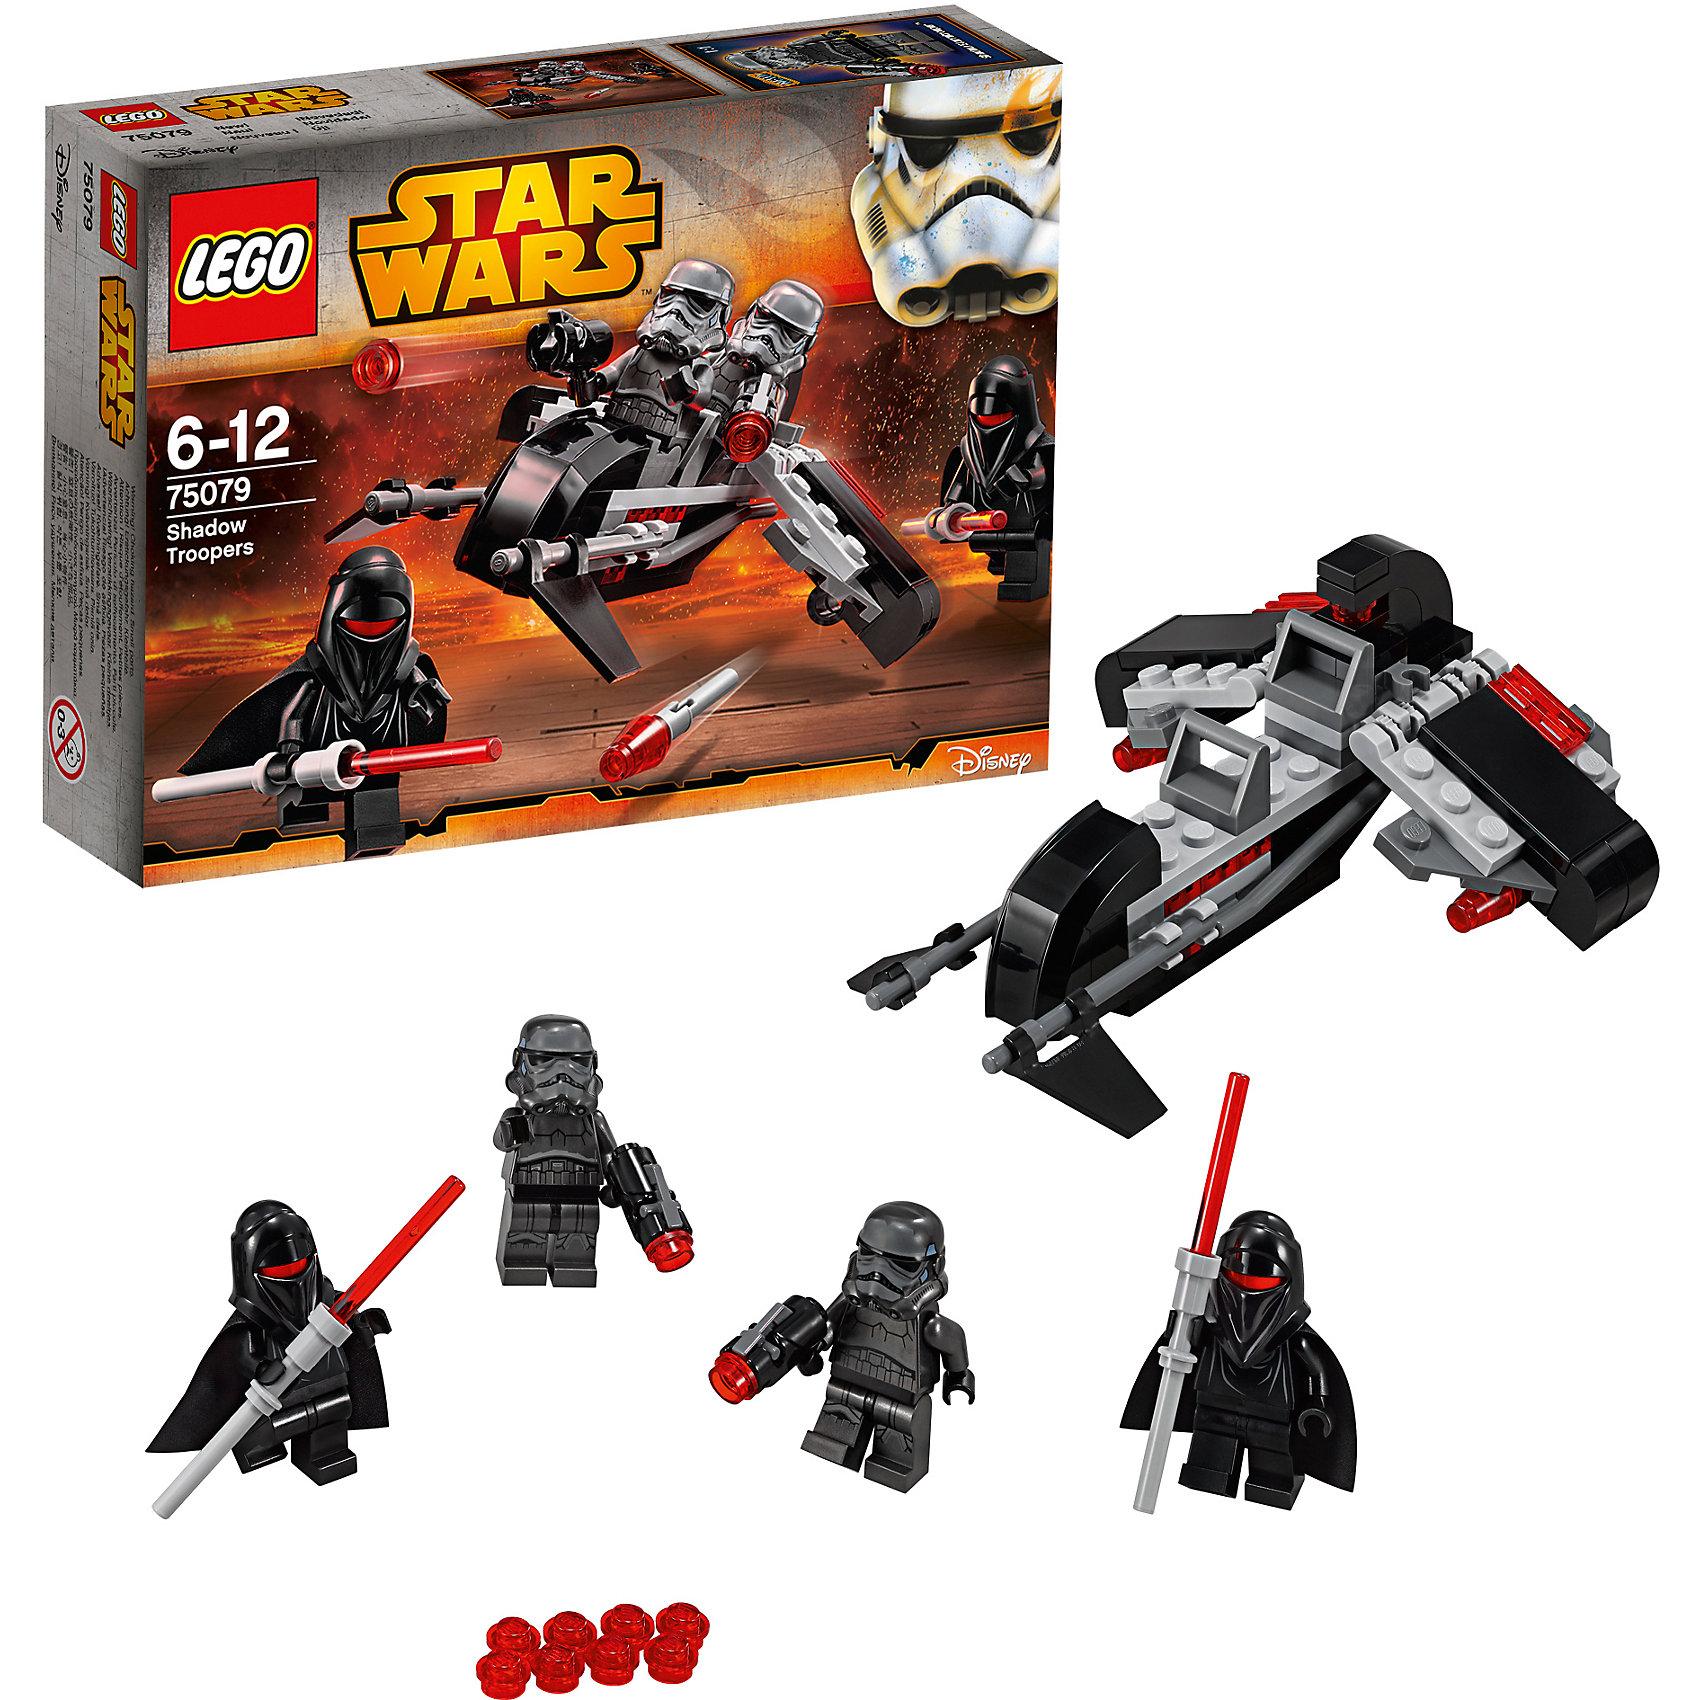 LEGO Star Wars 75079: Воины ТениЗащити Империю с помощью бесшумных мистических теневых стражей из набора  LEGO Star Wars 75079: Воины Тени. Повергни самого сильного врага с помощью их смертоносных световых мечей, а когда потребуется поддержка, вызывай теневых штурмовиков на спидере, вооруженном ракетами. <br><br>LEGO Star Wars (ЛЕГО Звездные войны) - серия детских конструкторов ЛЕГО, созданная по одноименной фантастической саге. Включает в себя множество сюжетов и реалистичных деталей, призванных в точности воспроизвести мир Star Wars.<br><br>Дополнительная информация:<br><br>- Конструкторы ЛЕГО развивают усидчивость, внимание, фантазию и мелкую моторику. <br>- Комплектация: спидер, 4 минифигурки с оружием.<br>- В наборе 4 минифигурки с разнообразным оружием: 2 теневых стража и 2 теневых штурмовика.<br>- Количество деталей: 95 шт.<br>- Спидер: 2 стреляющие пушки, можно закрепить бластеры. <br>- Серия ЛЕГО Звездные войны (LEGO Star Wars).<br>- Материал: пластик.<br>- Размер упаковки: 14,1 х 19,1 х 4,6 см<br>- Вес: 0.152 кг<br><br>Конструктор LEGO Star Wars ( ЛЕГО Звездные войны) 75079: Воины Тени можно купить в нашем магазине.<br><br>Ширина мм: 195<br>Глубина мм: 141<br>Высота мм: 50<br>Вес г: 119<br>Возраст от месяцев: 72<br>Возраст до месяцев: 144<br>Пол: Мужской<br>Возраст: Детский<br>SKU: 3786137